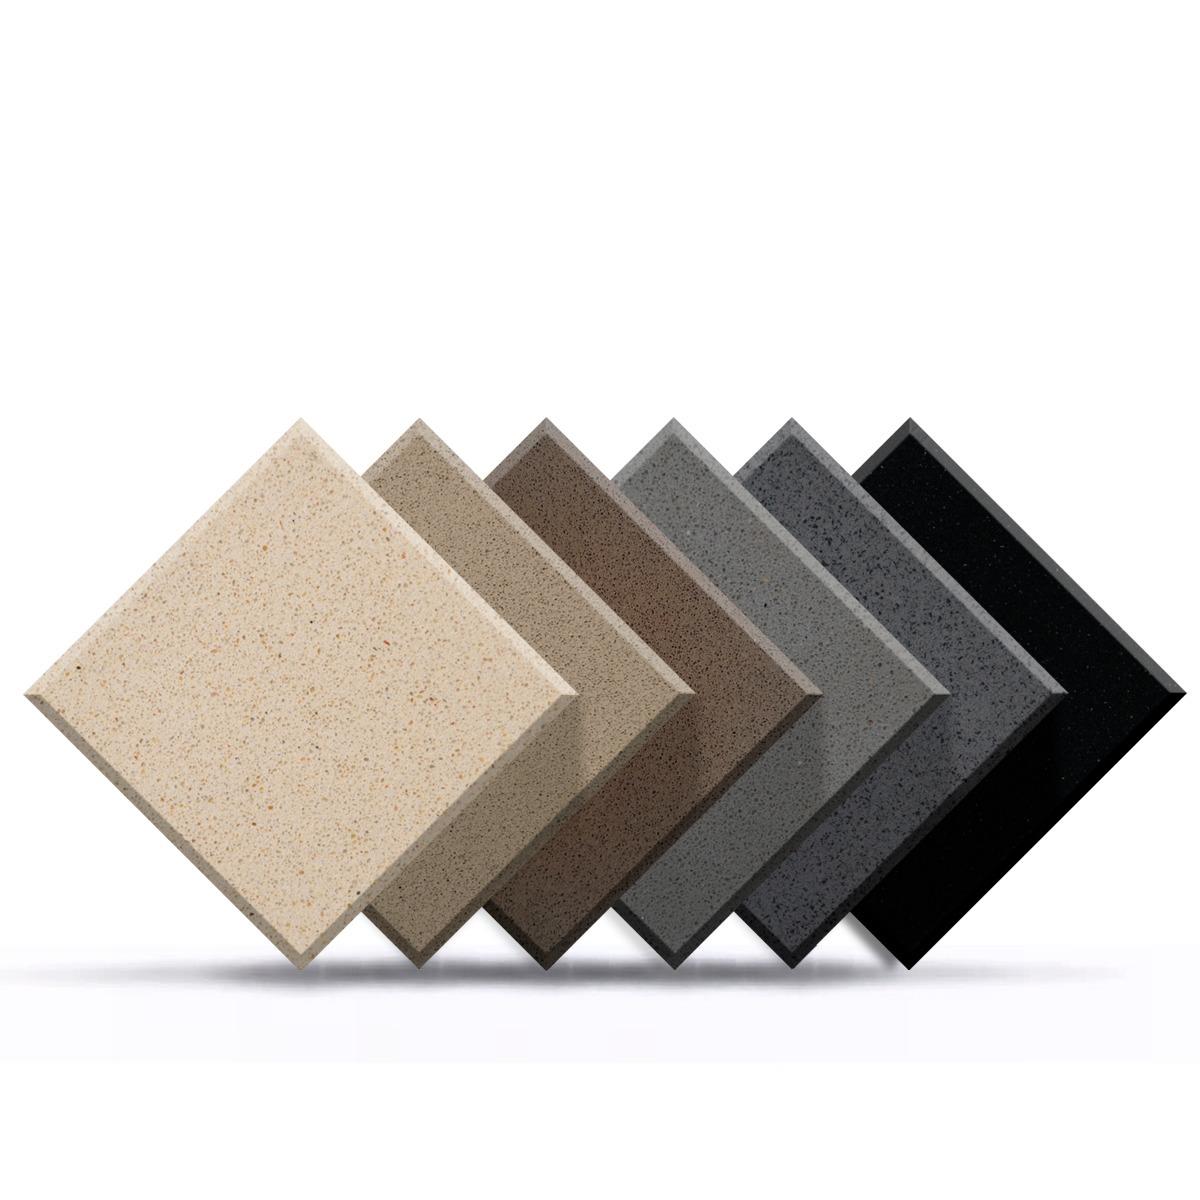 Silestone colores y precios cool curso de diseno online for Precio metro lineal encimera granito